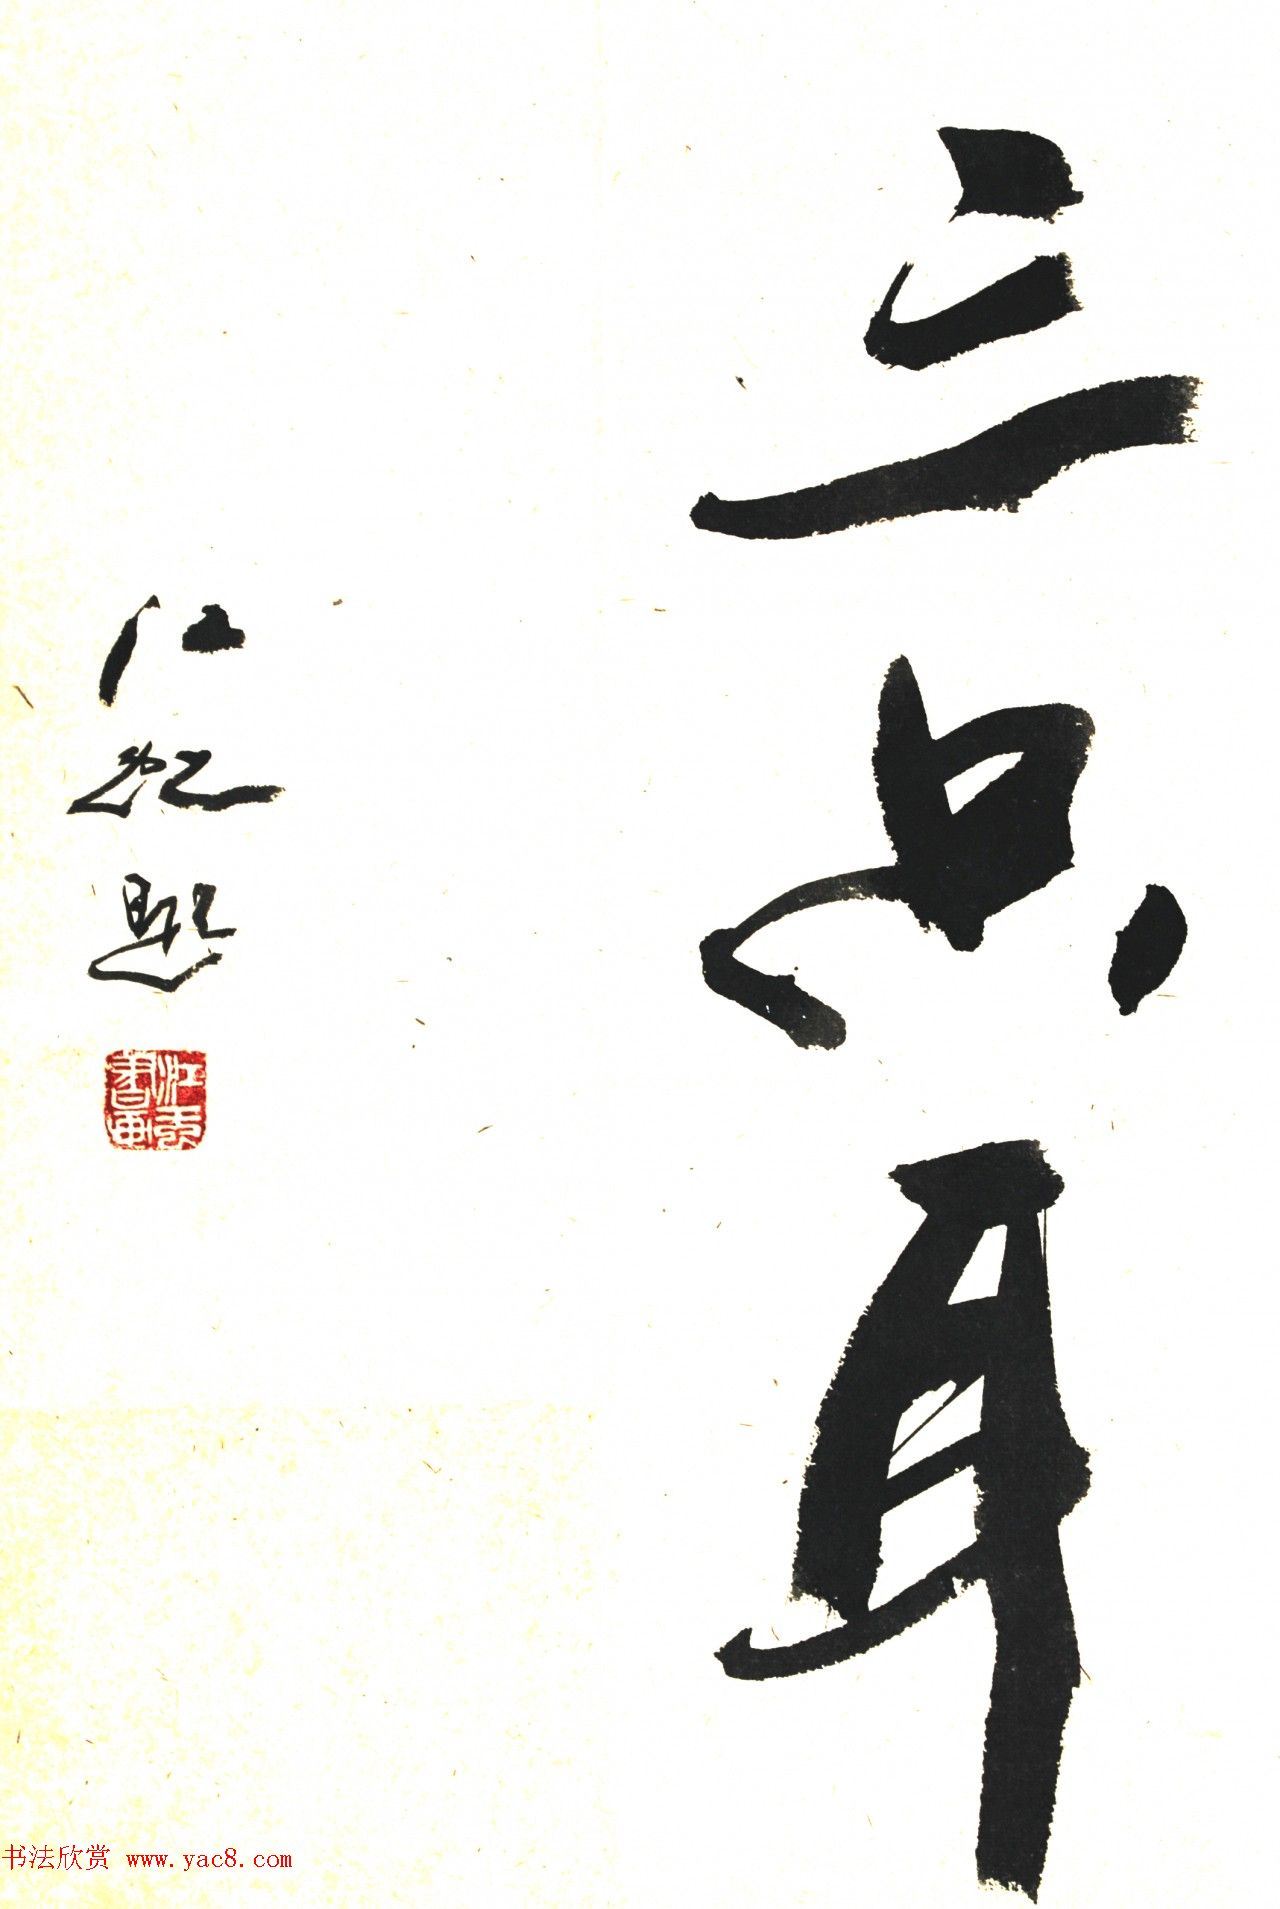 中国书法研究院院长江虹行书作品欣赏 第9页 毛笔书法 书法欣赏